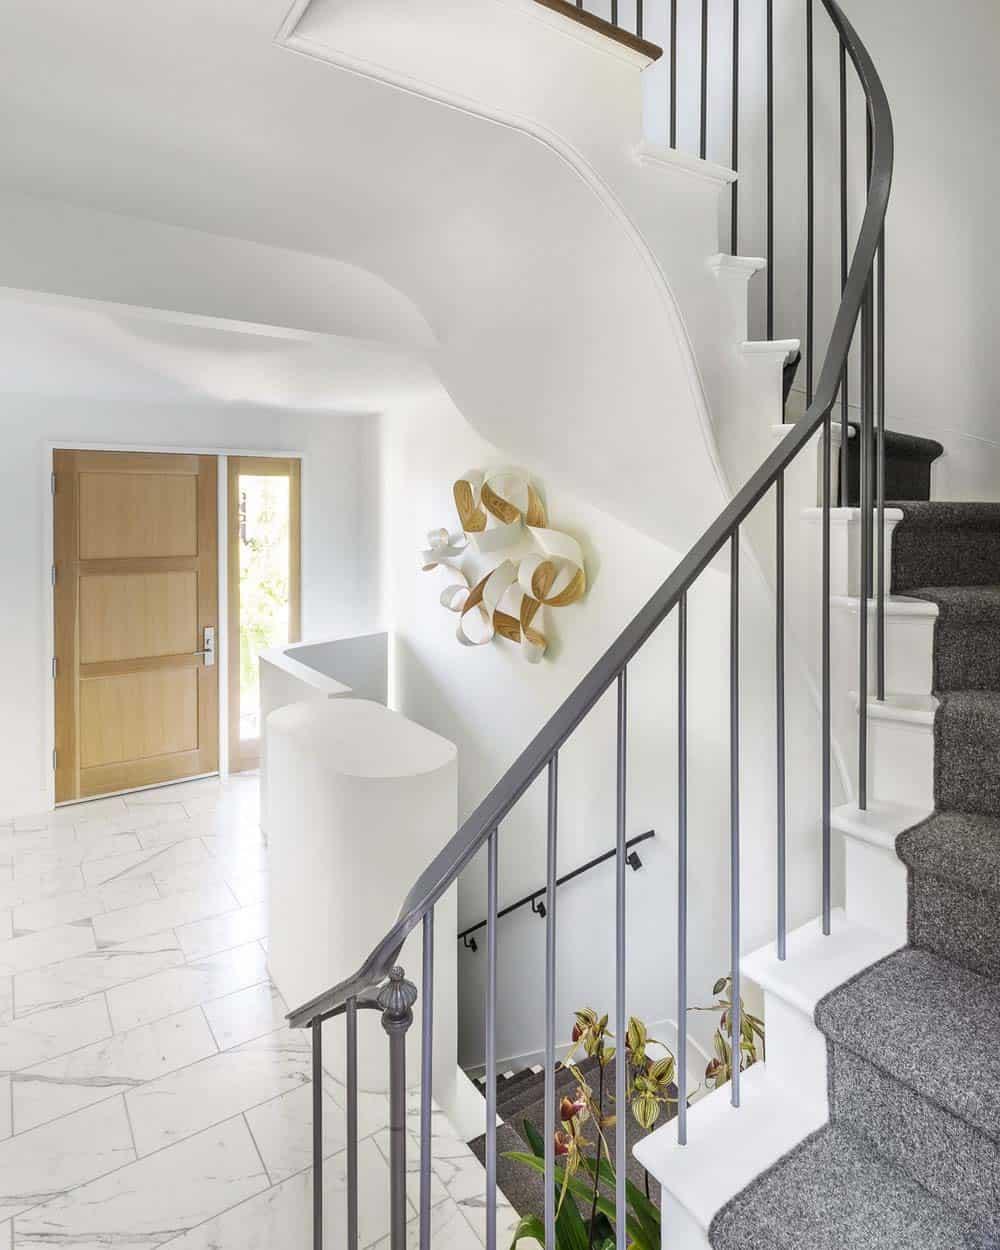 escalier-d-entree-contemporain